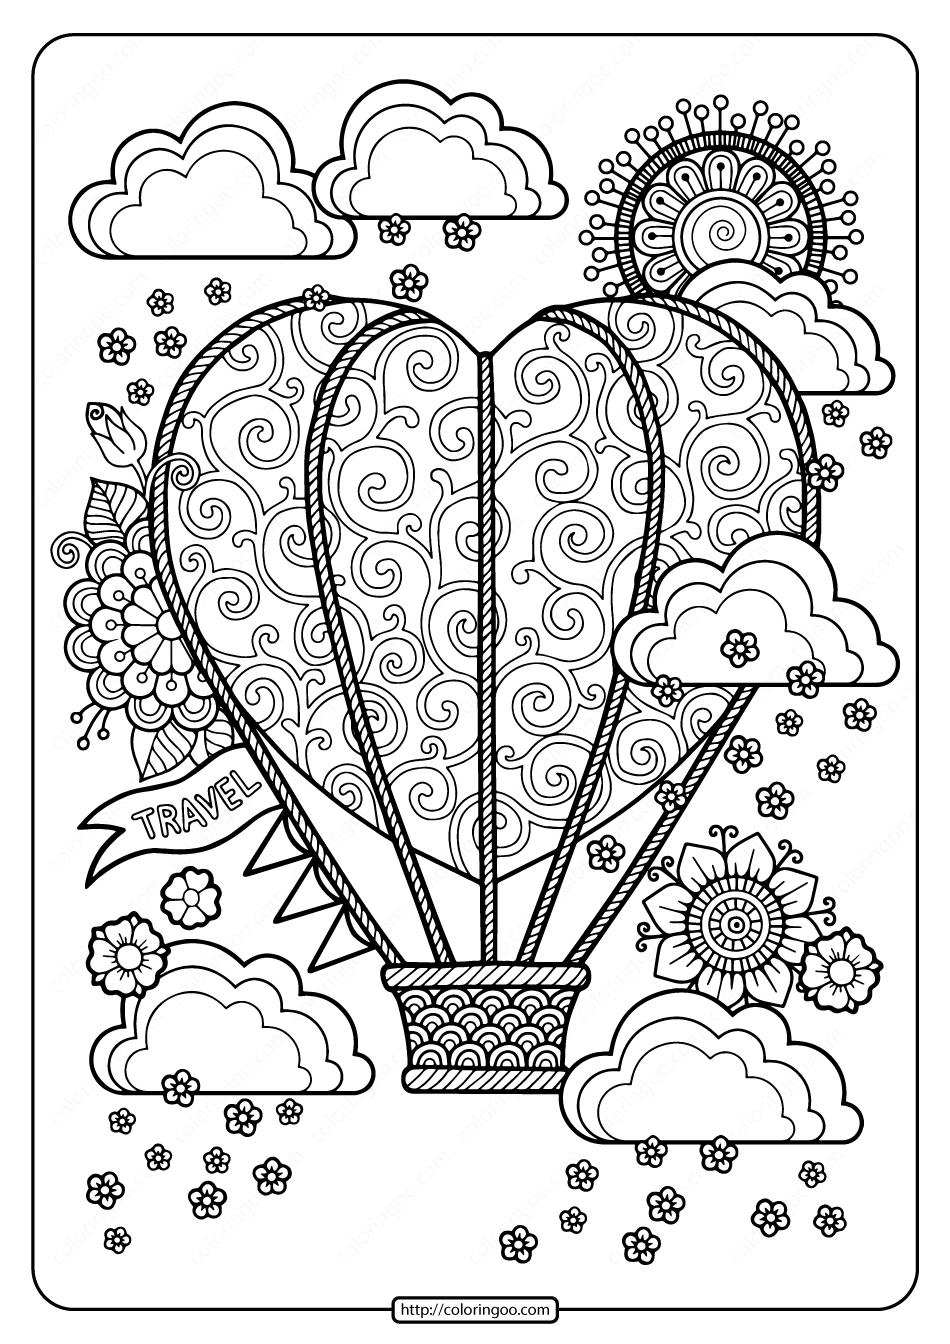 Free Heart Shaped Hot Air Balloon Pdf Coloring Page  Hot air